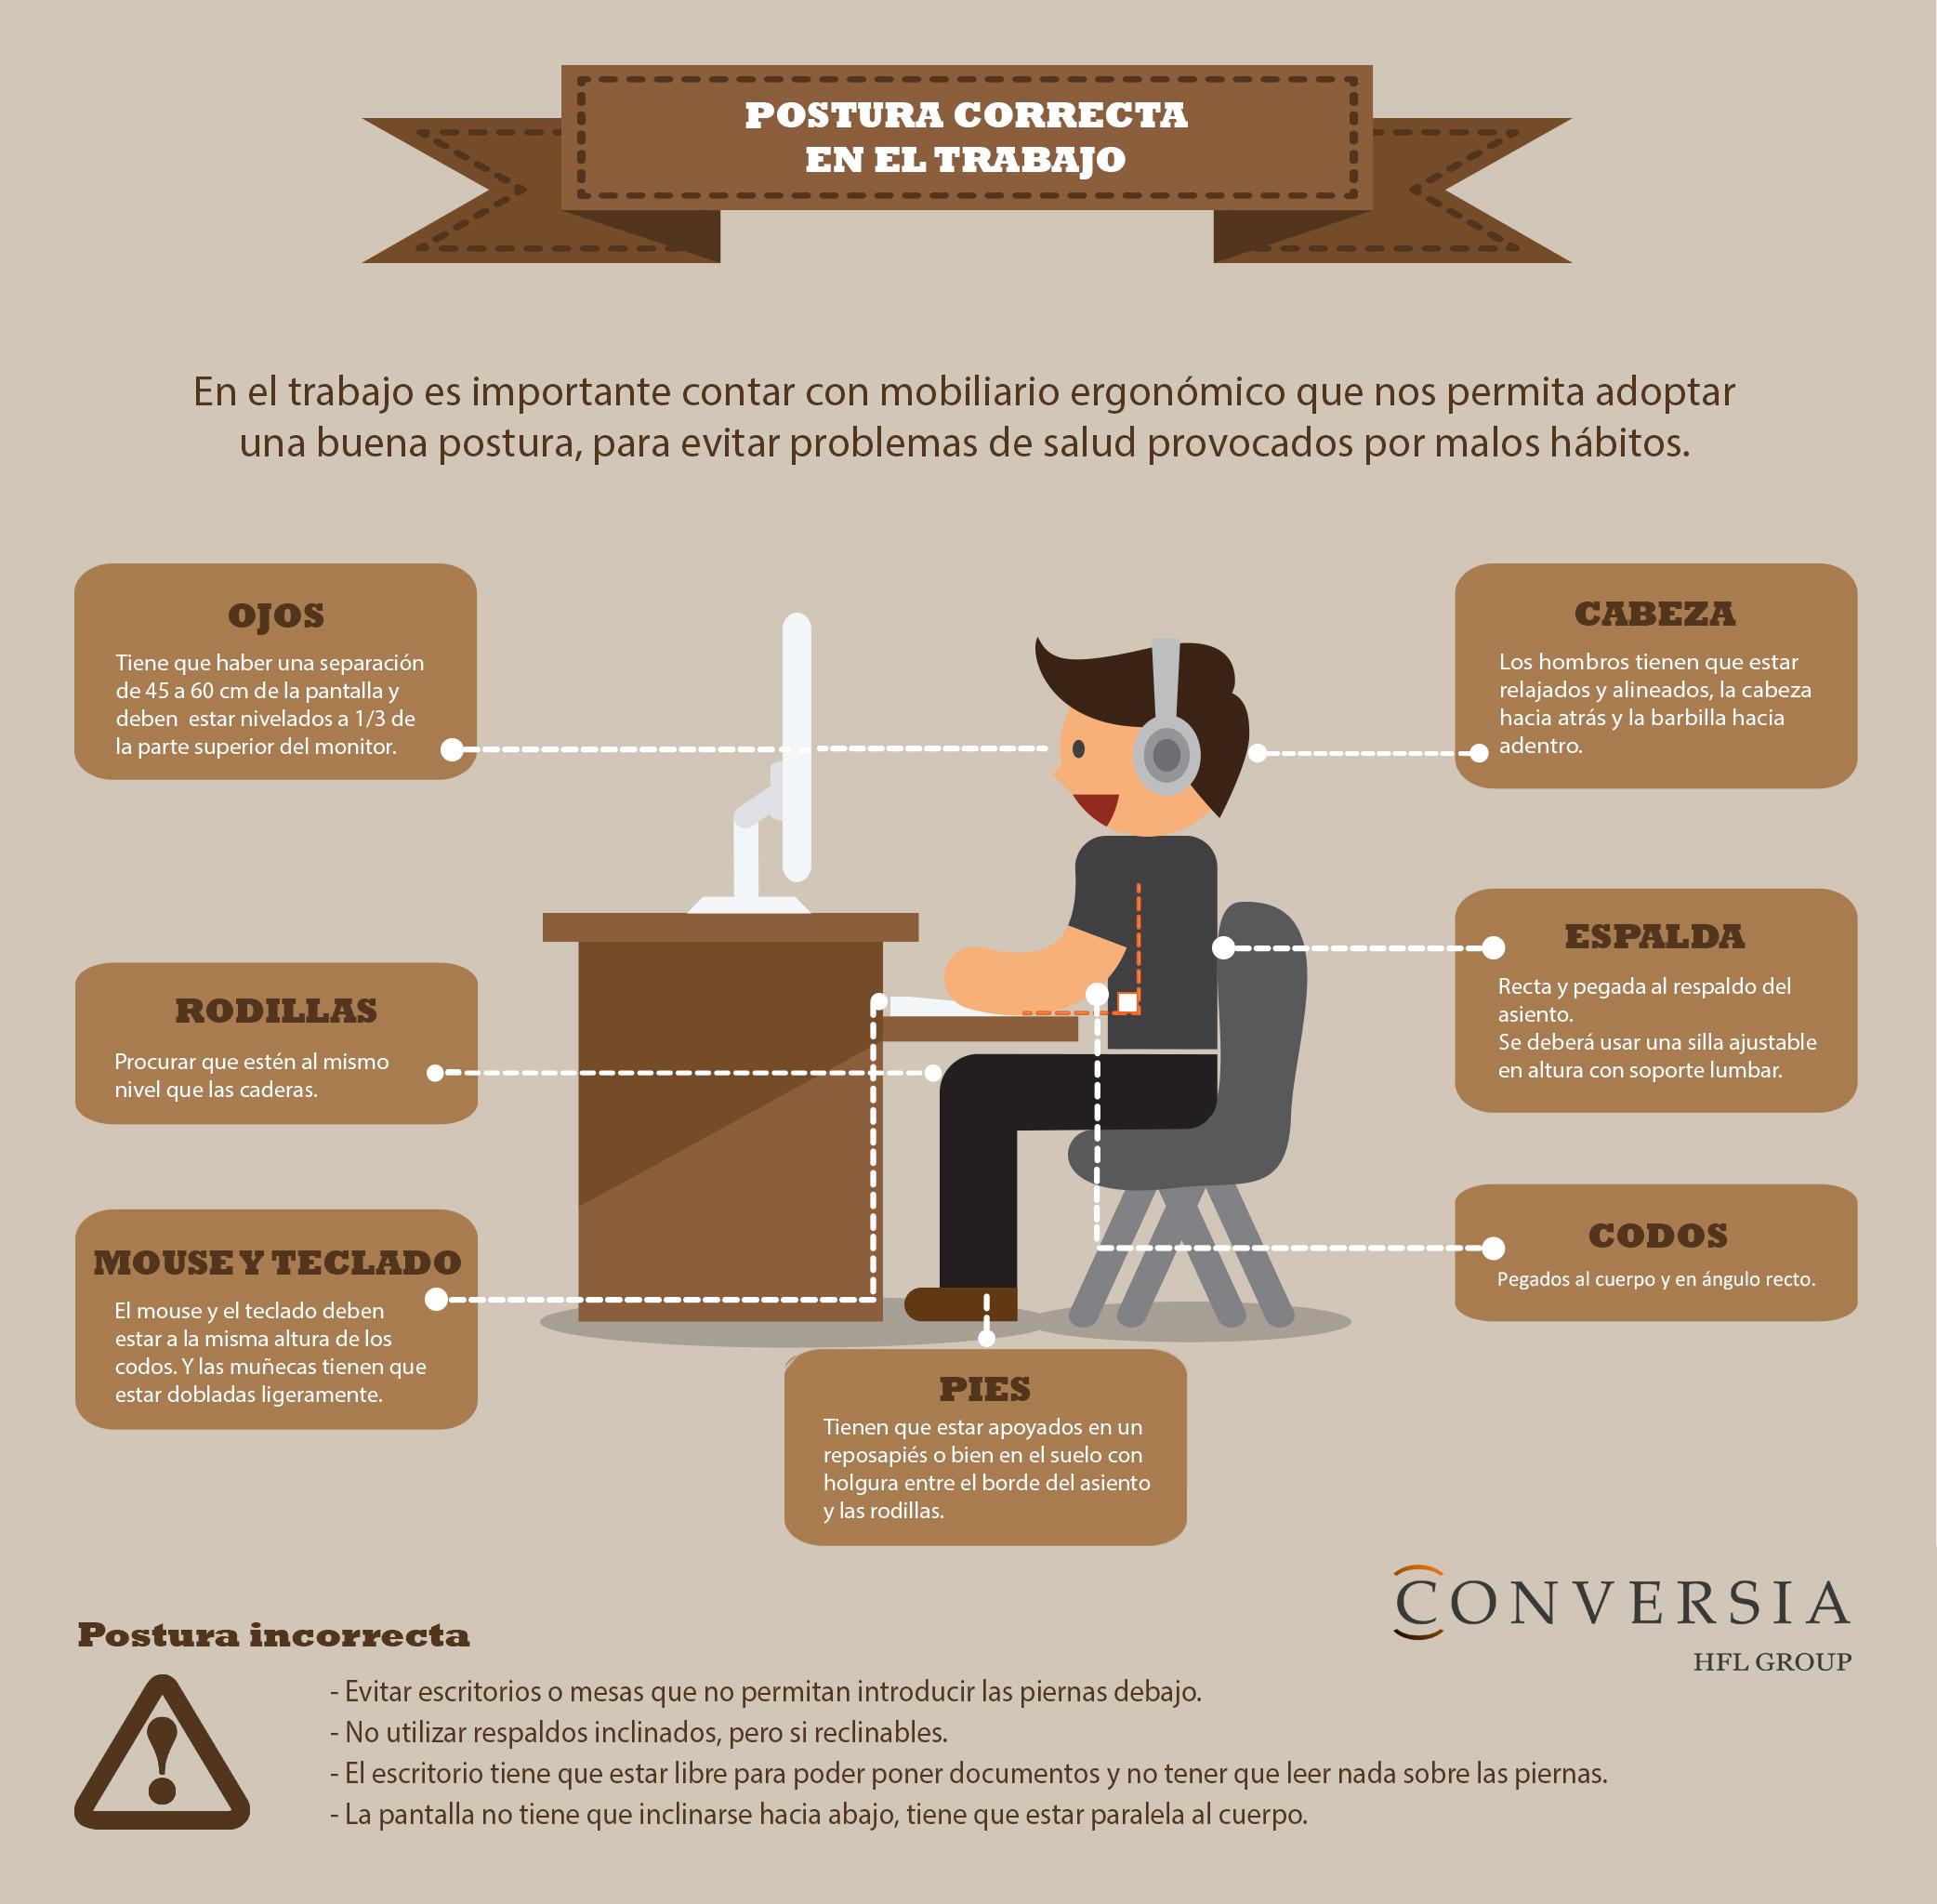 Infografía de Conversia para una correcta postura corporal en el trabajo